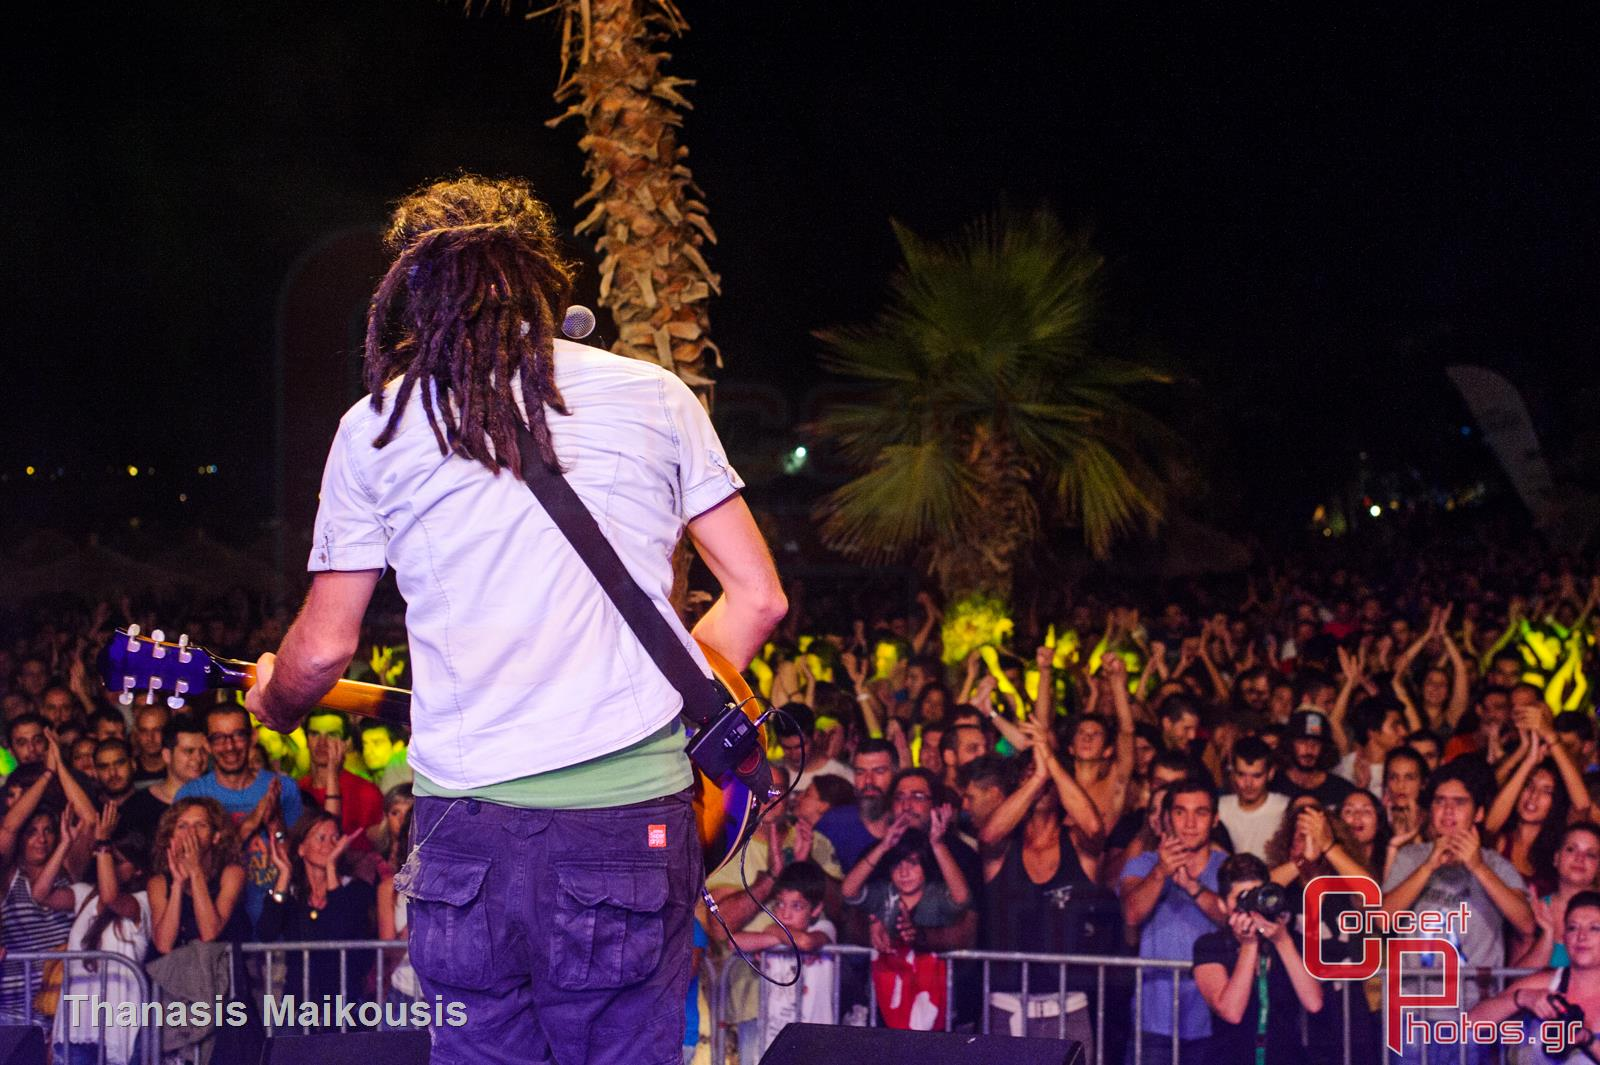 Locomondo-Locomondo 2013 Bolivar photographer: Thanasis Maikousis - concertphotos_-6999